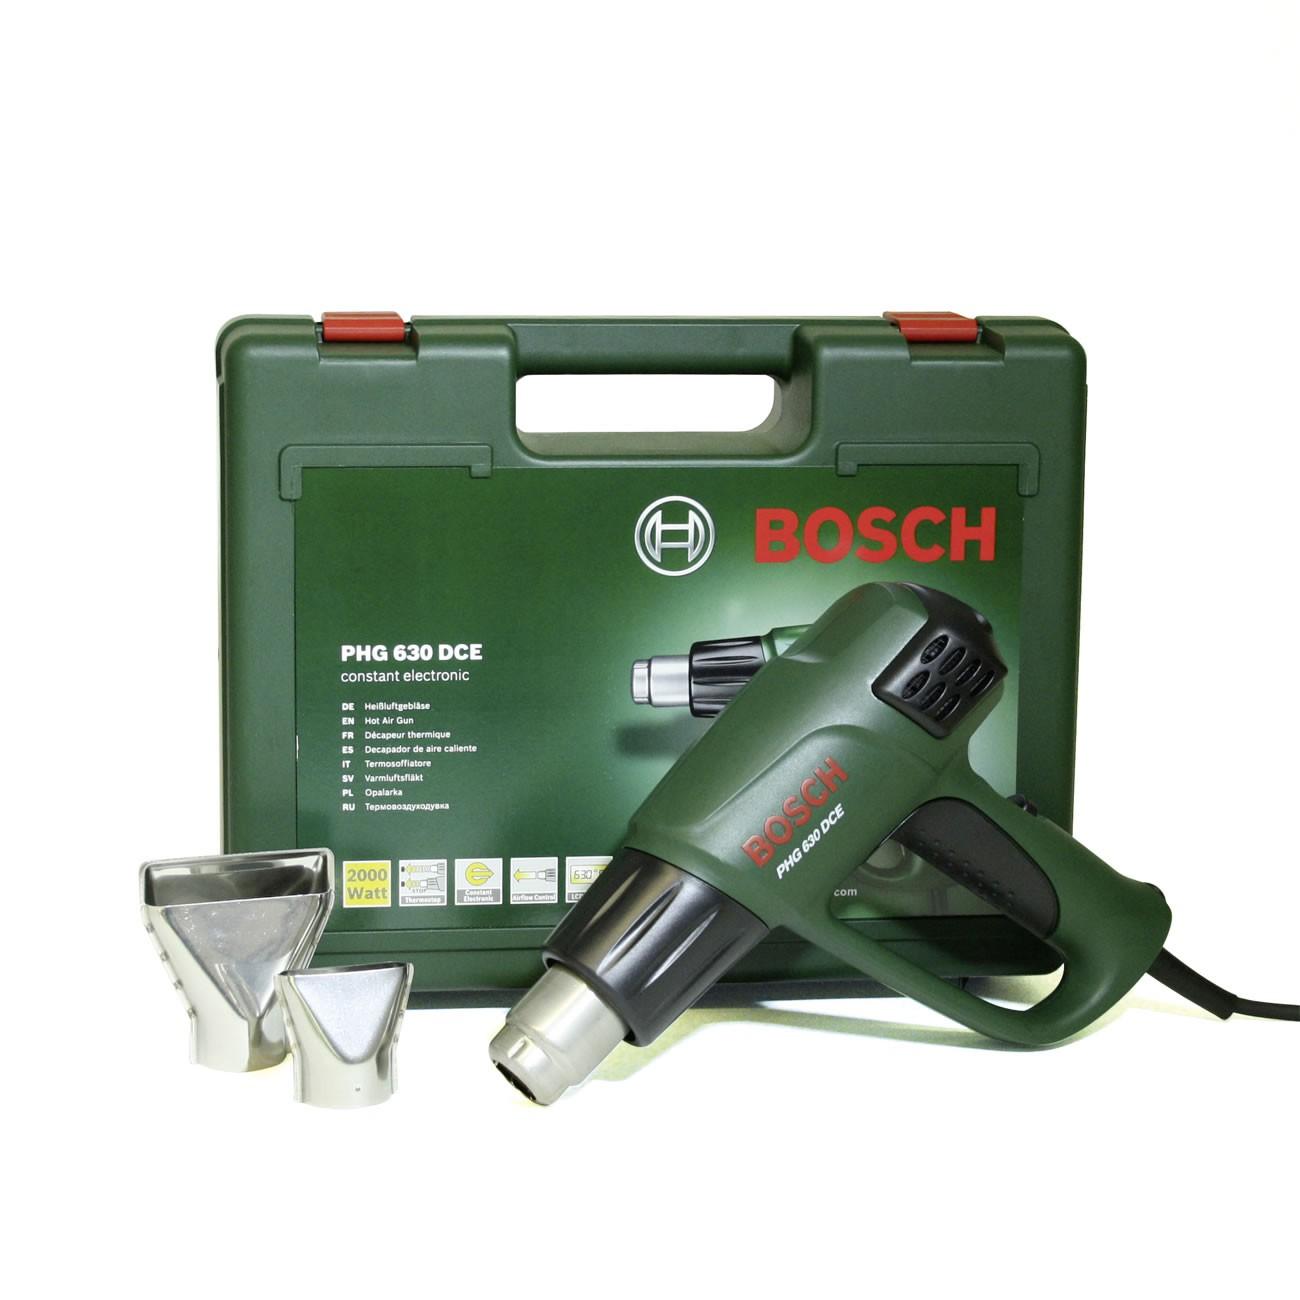 - Bosch PHG 630 DCE Heteluchtpistool incl. 2 mondstukken in koffer